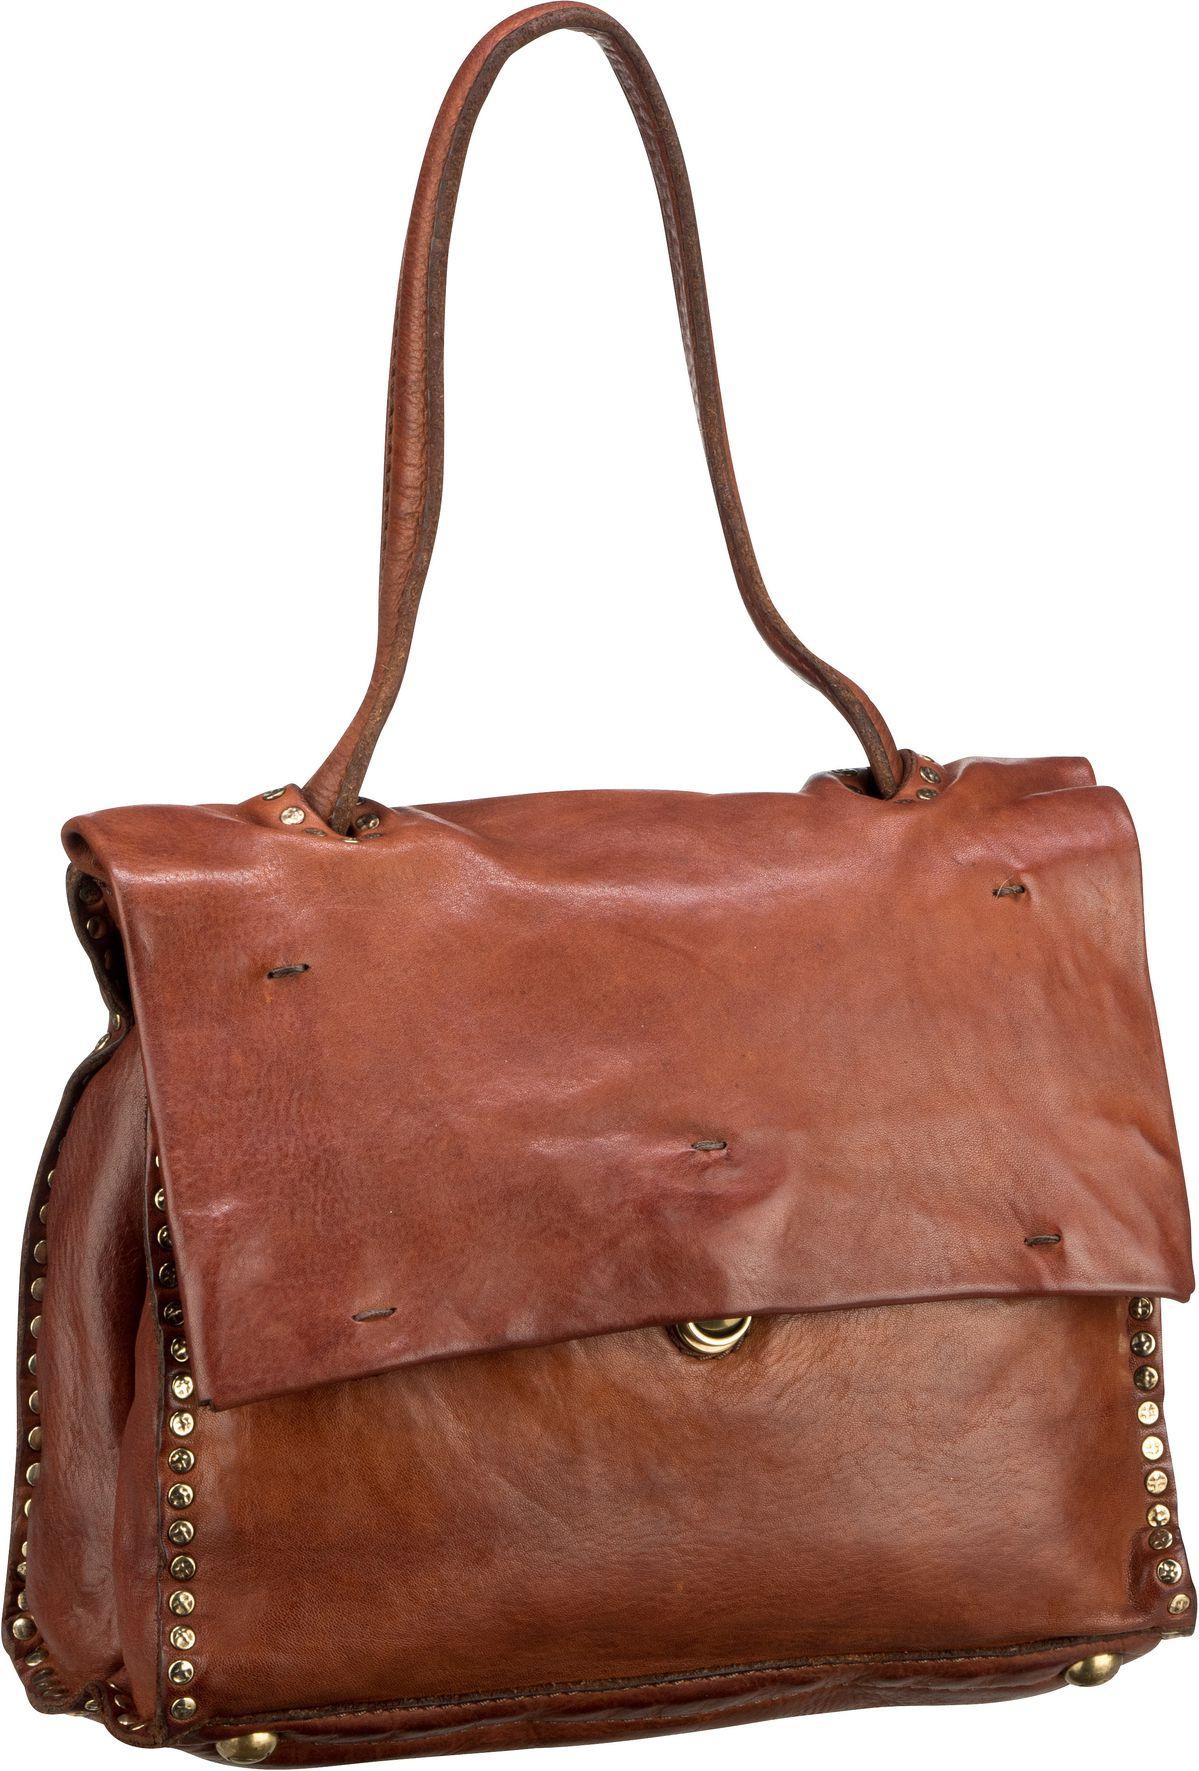 Handtasche Calliope C15670 Cognac